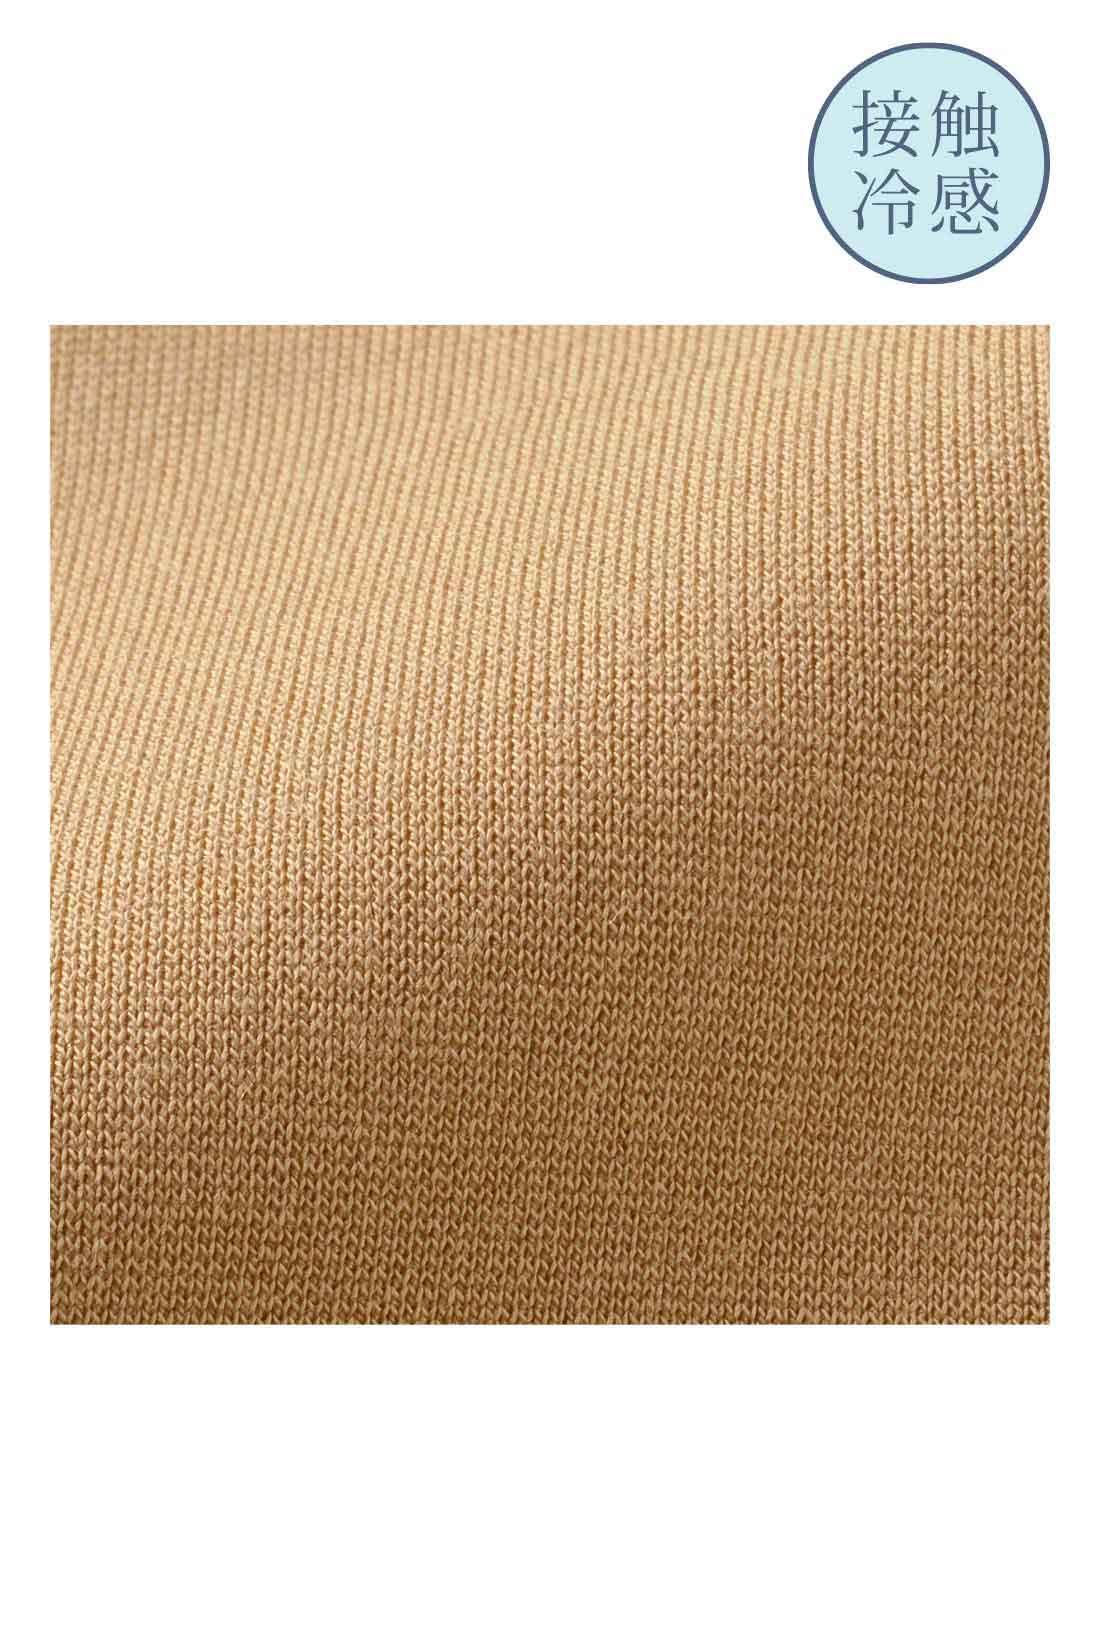 きれい見えする接触冷感カットソー 素材はほのかな光沢がきれいな、布はく見えするベアポンチカットソー。上質感漂うほどよい厚みと張りがありながら着心地はしなやかで伸びやか。接触冷感でひんやり涼しい肌心地です。 ※お届けするカラーとは異なります。